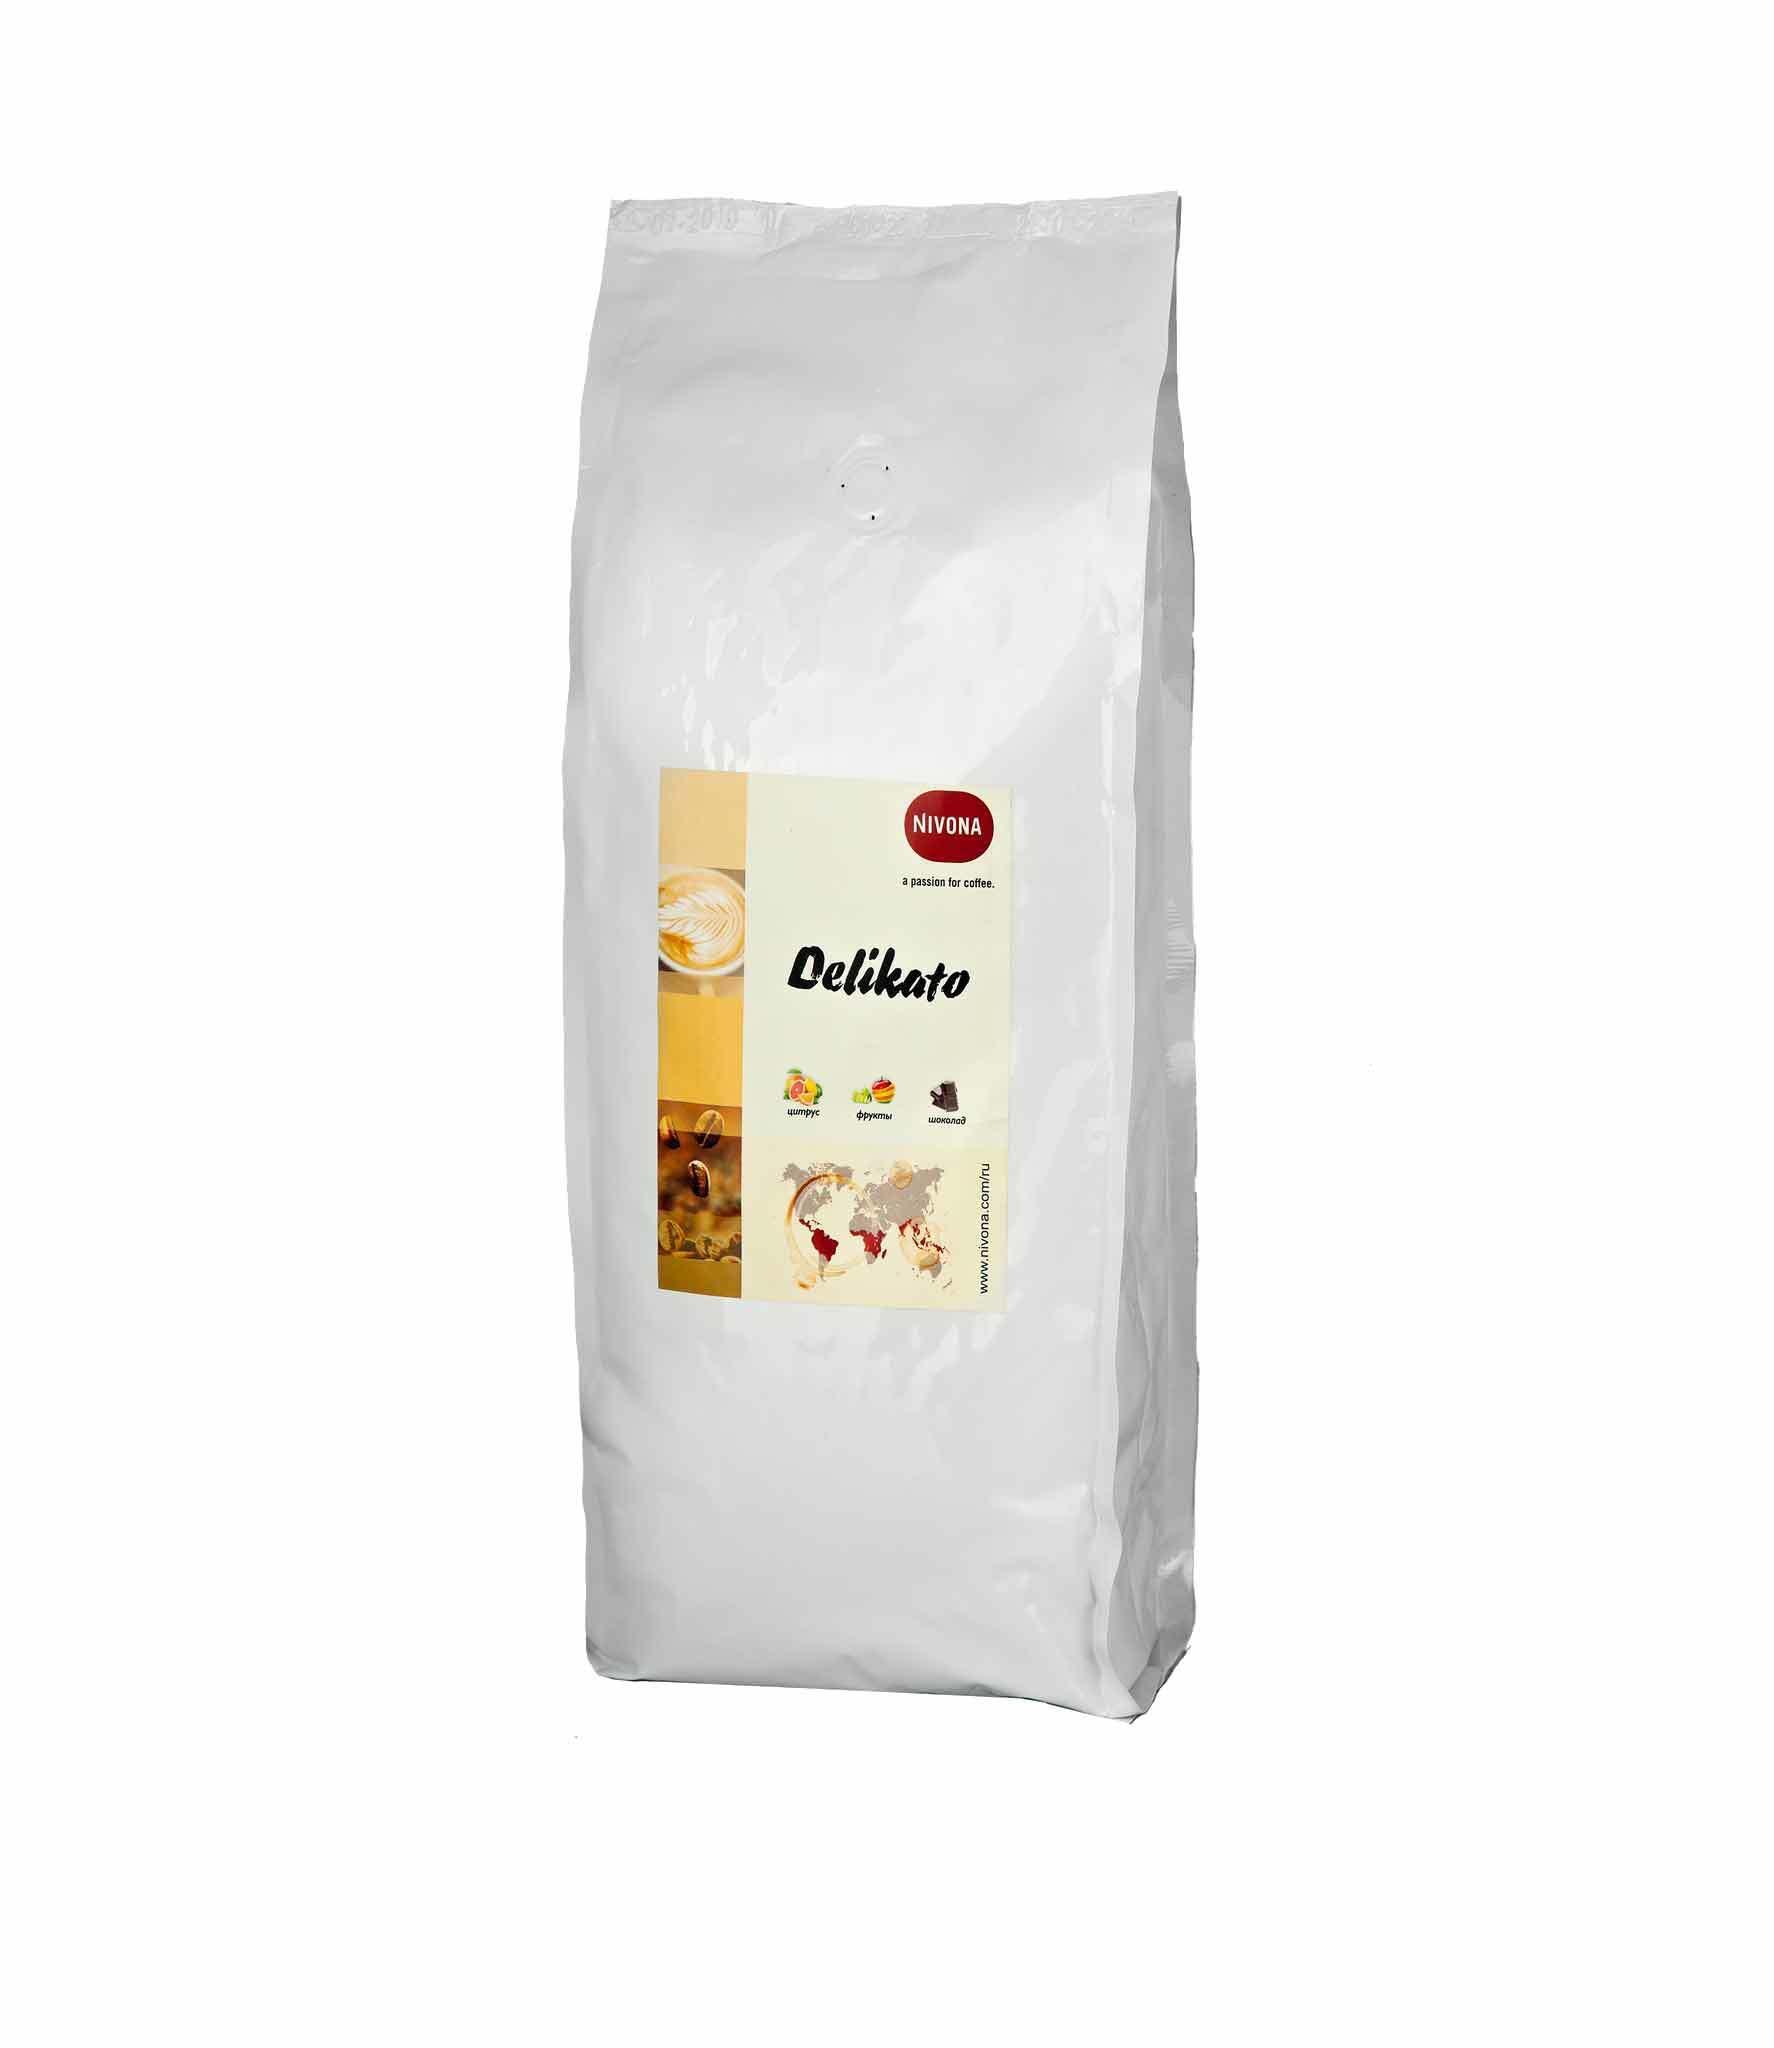 Кофе в зернах Nivona DELICATO, 250 гр.